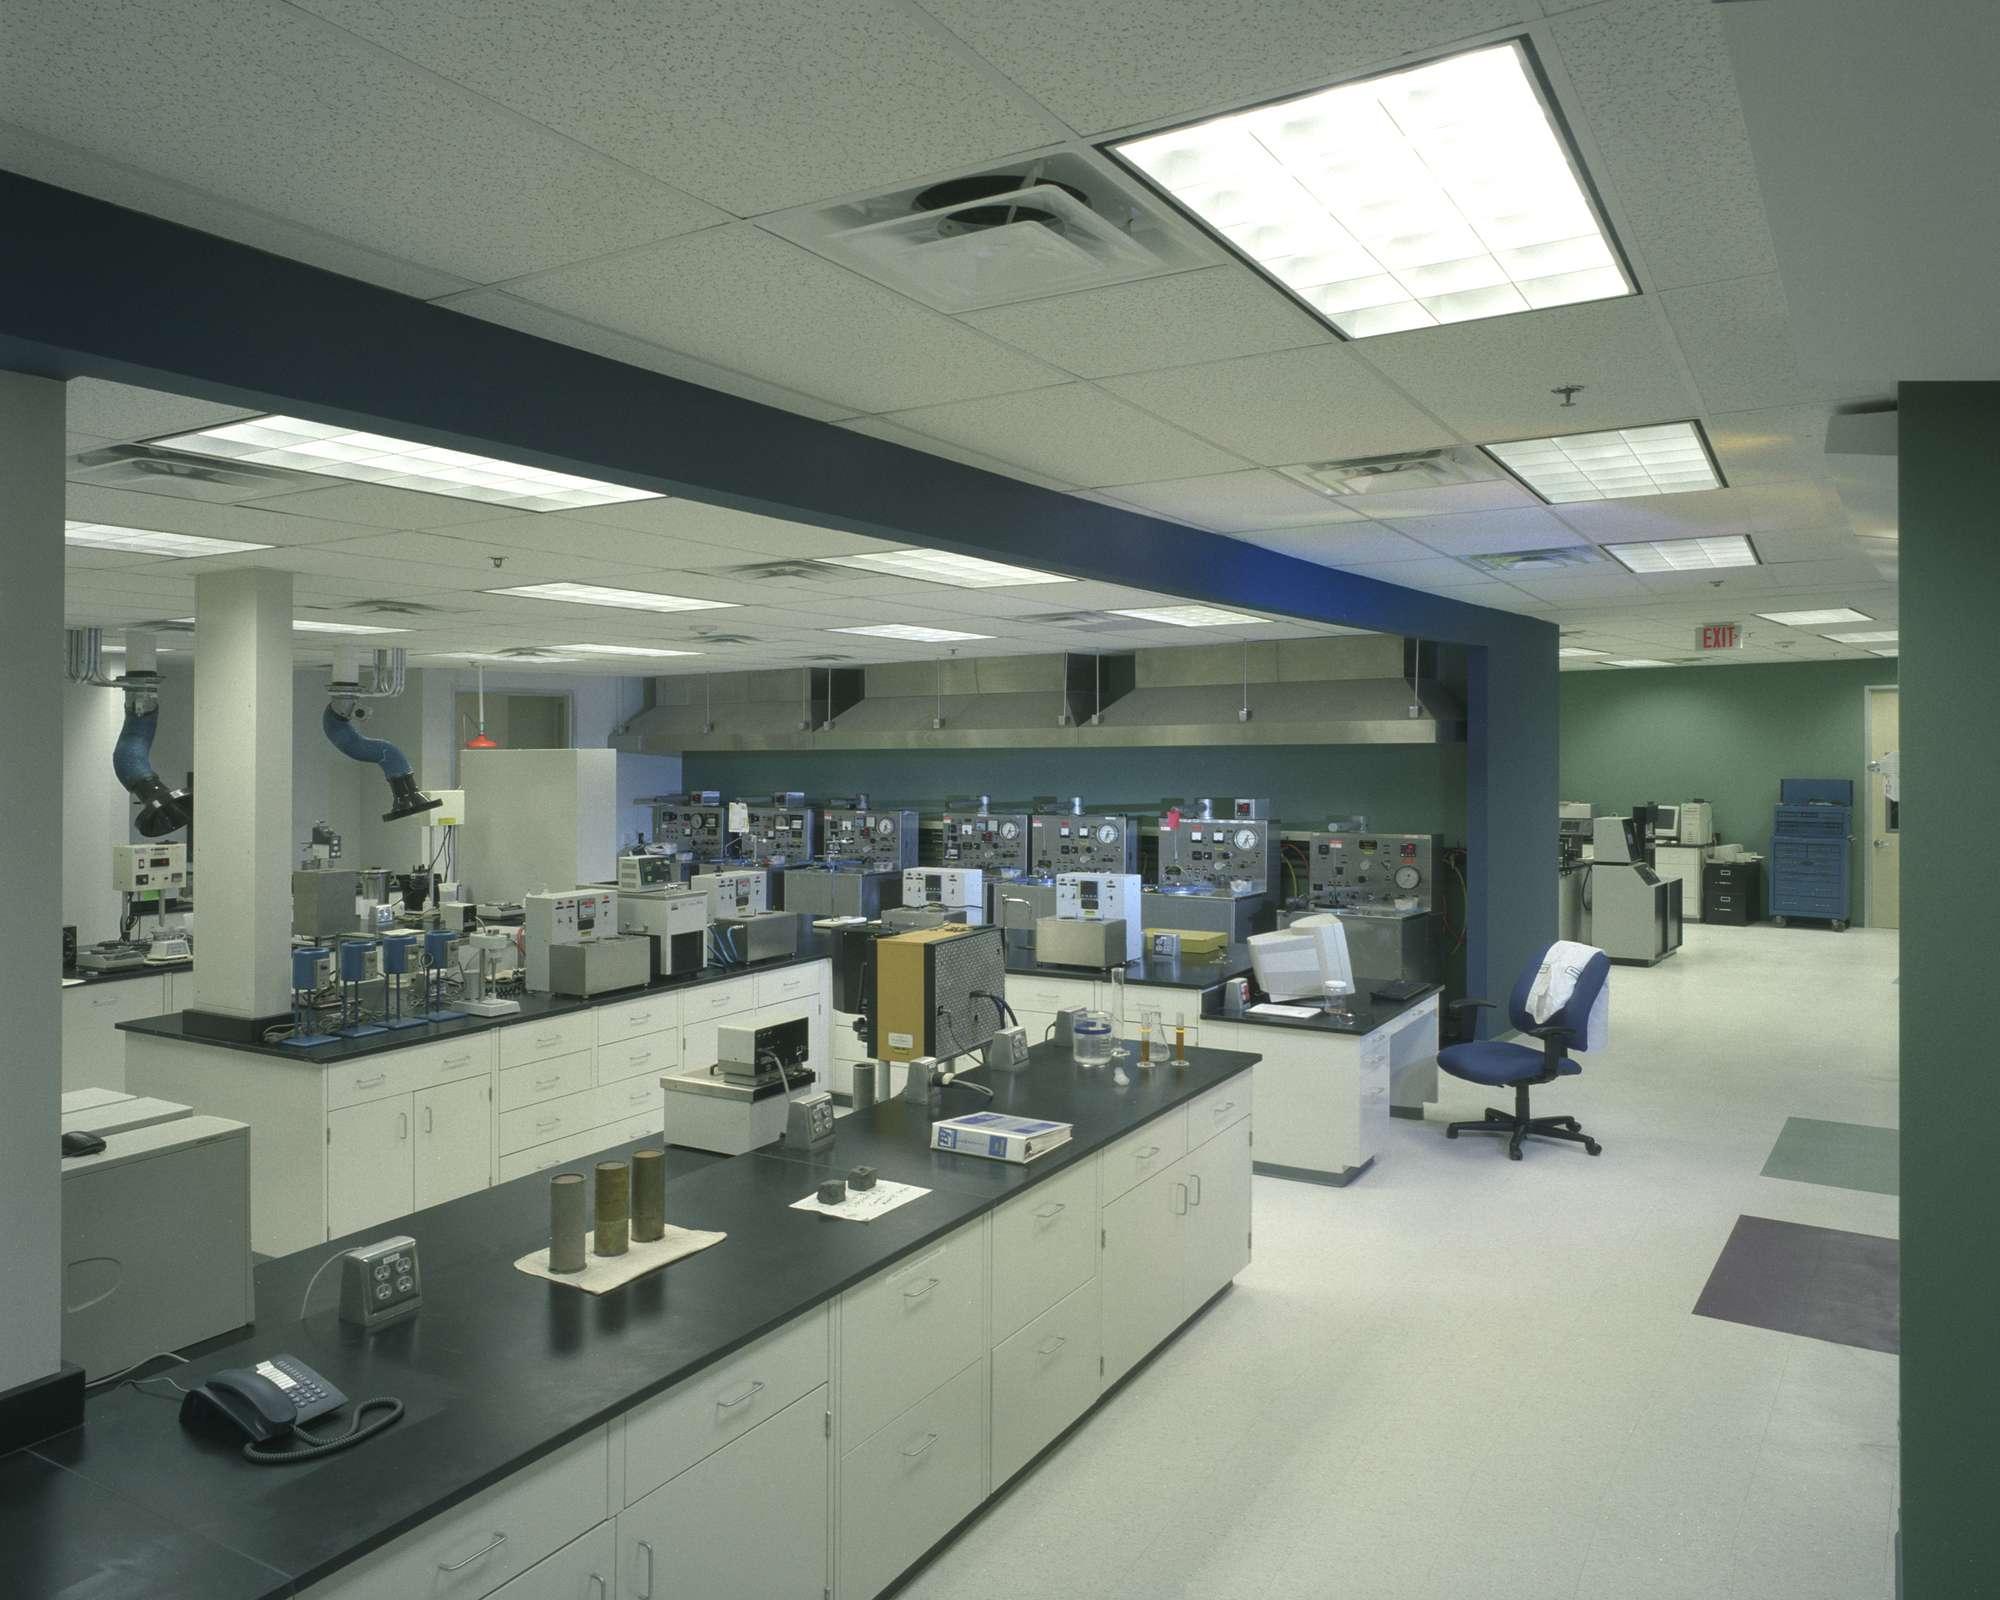 Int 1st Floor Cementing Lab 2000 Synchro Synchro